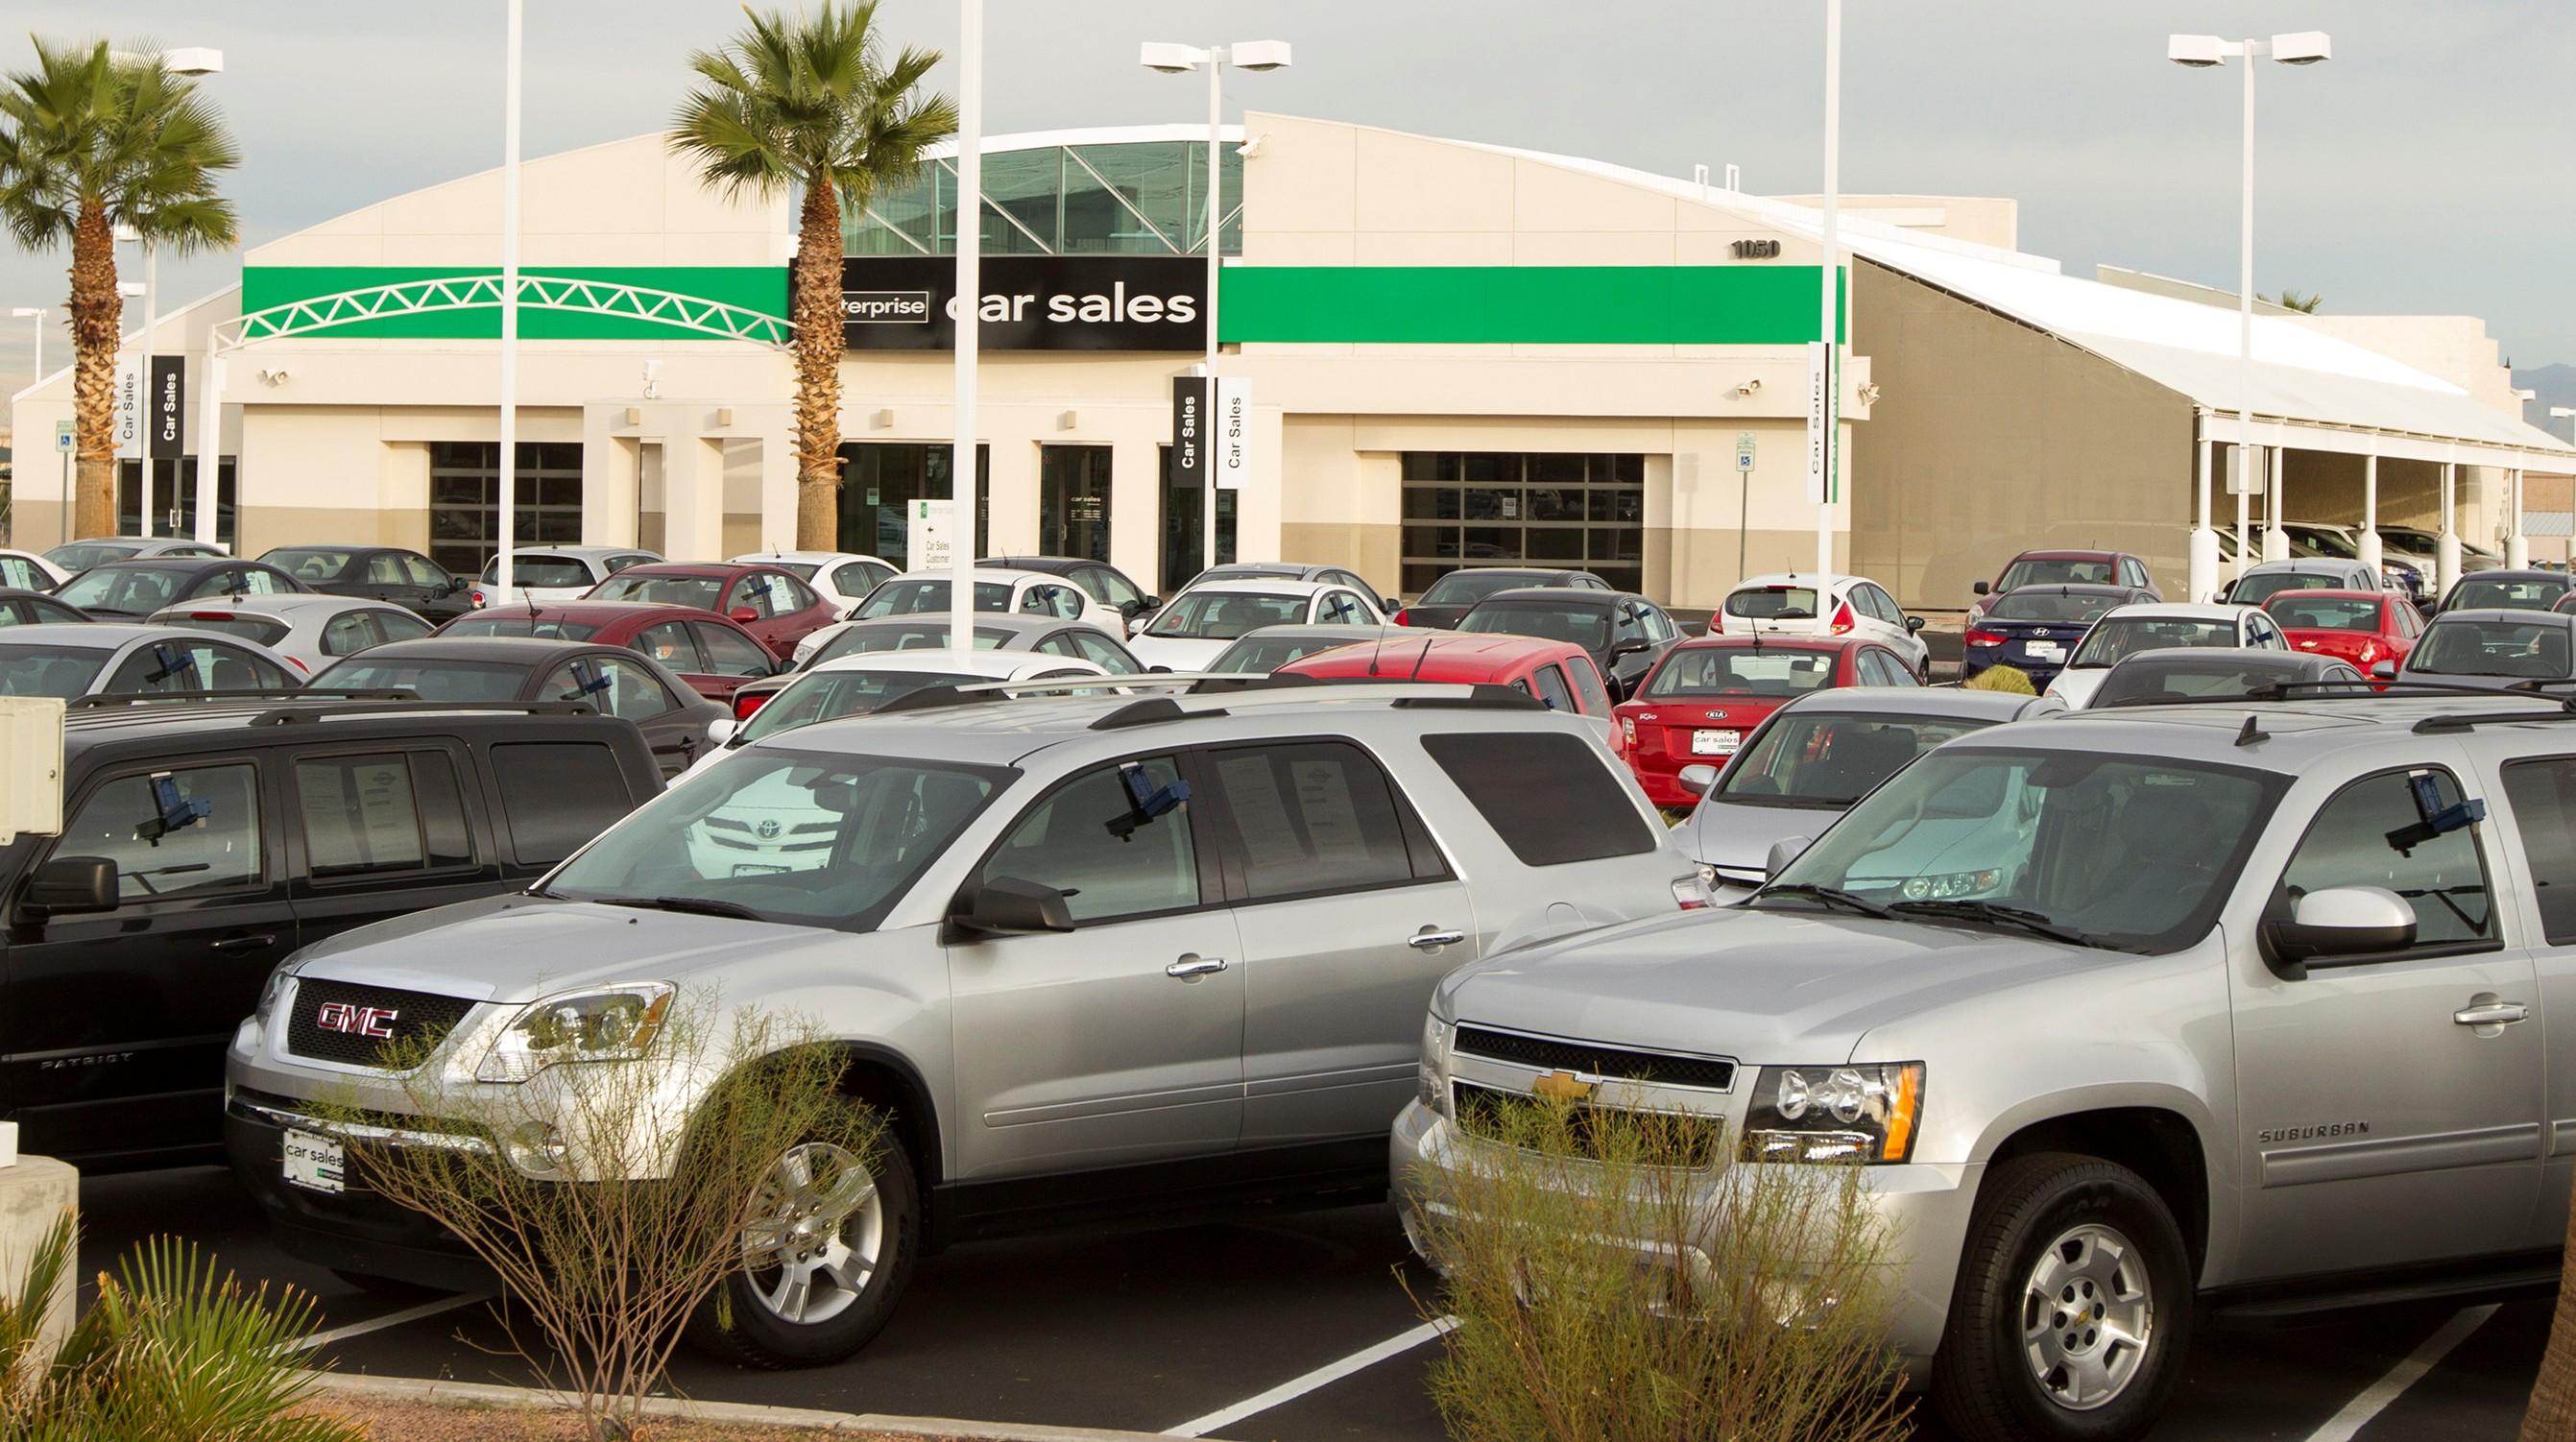 Enterprise Car Sales Largest Used Car Showroom In U S